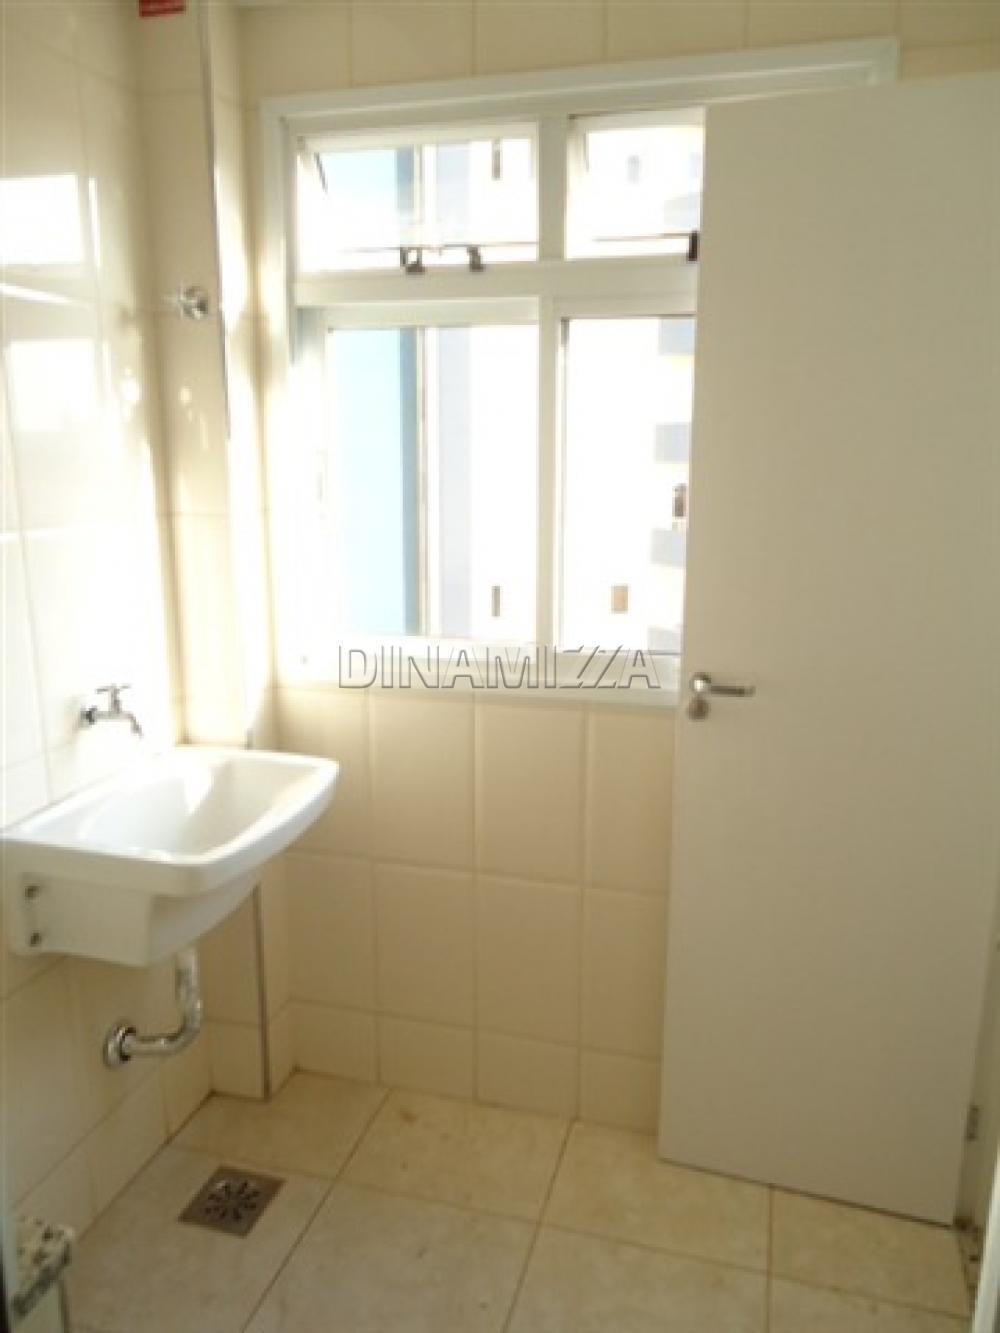 Alugar Apartamento / Padrão em Uberaba apenas R$ 1.200,00 - Foto 10